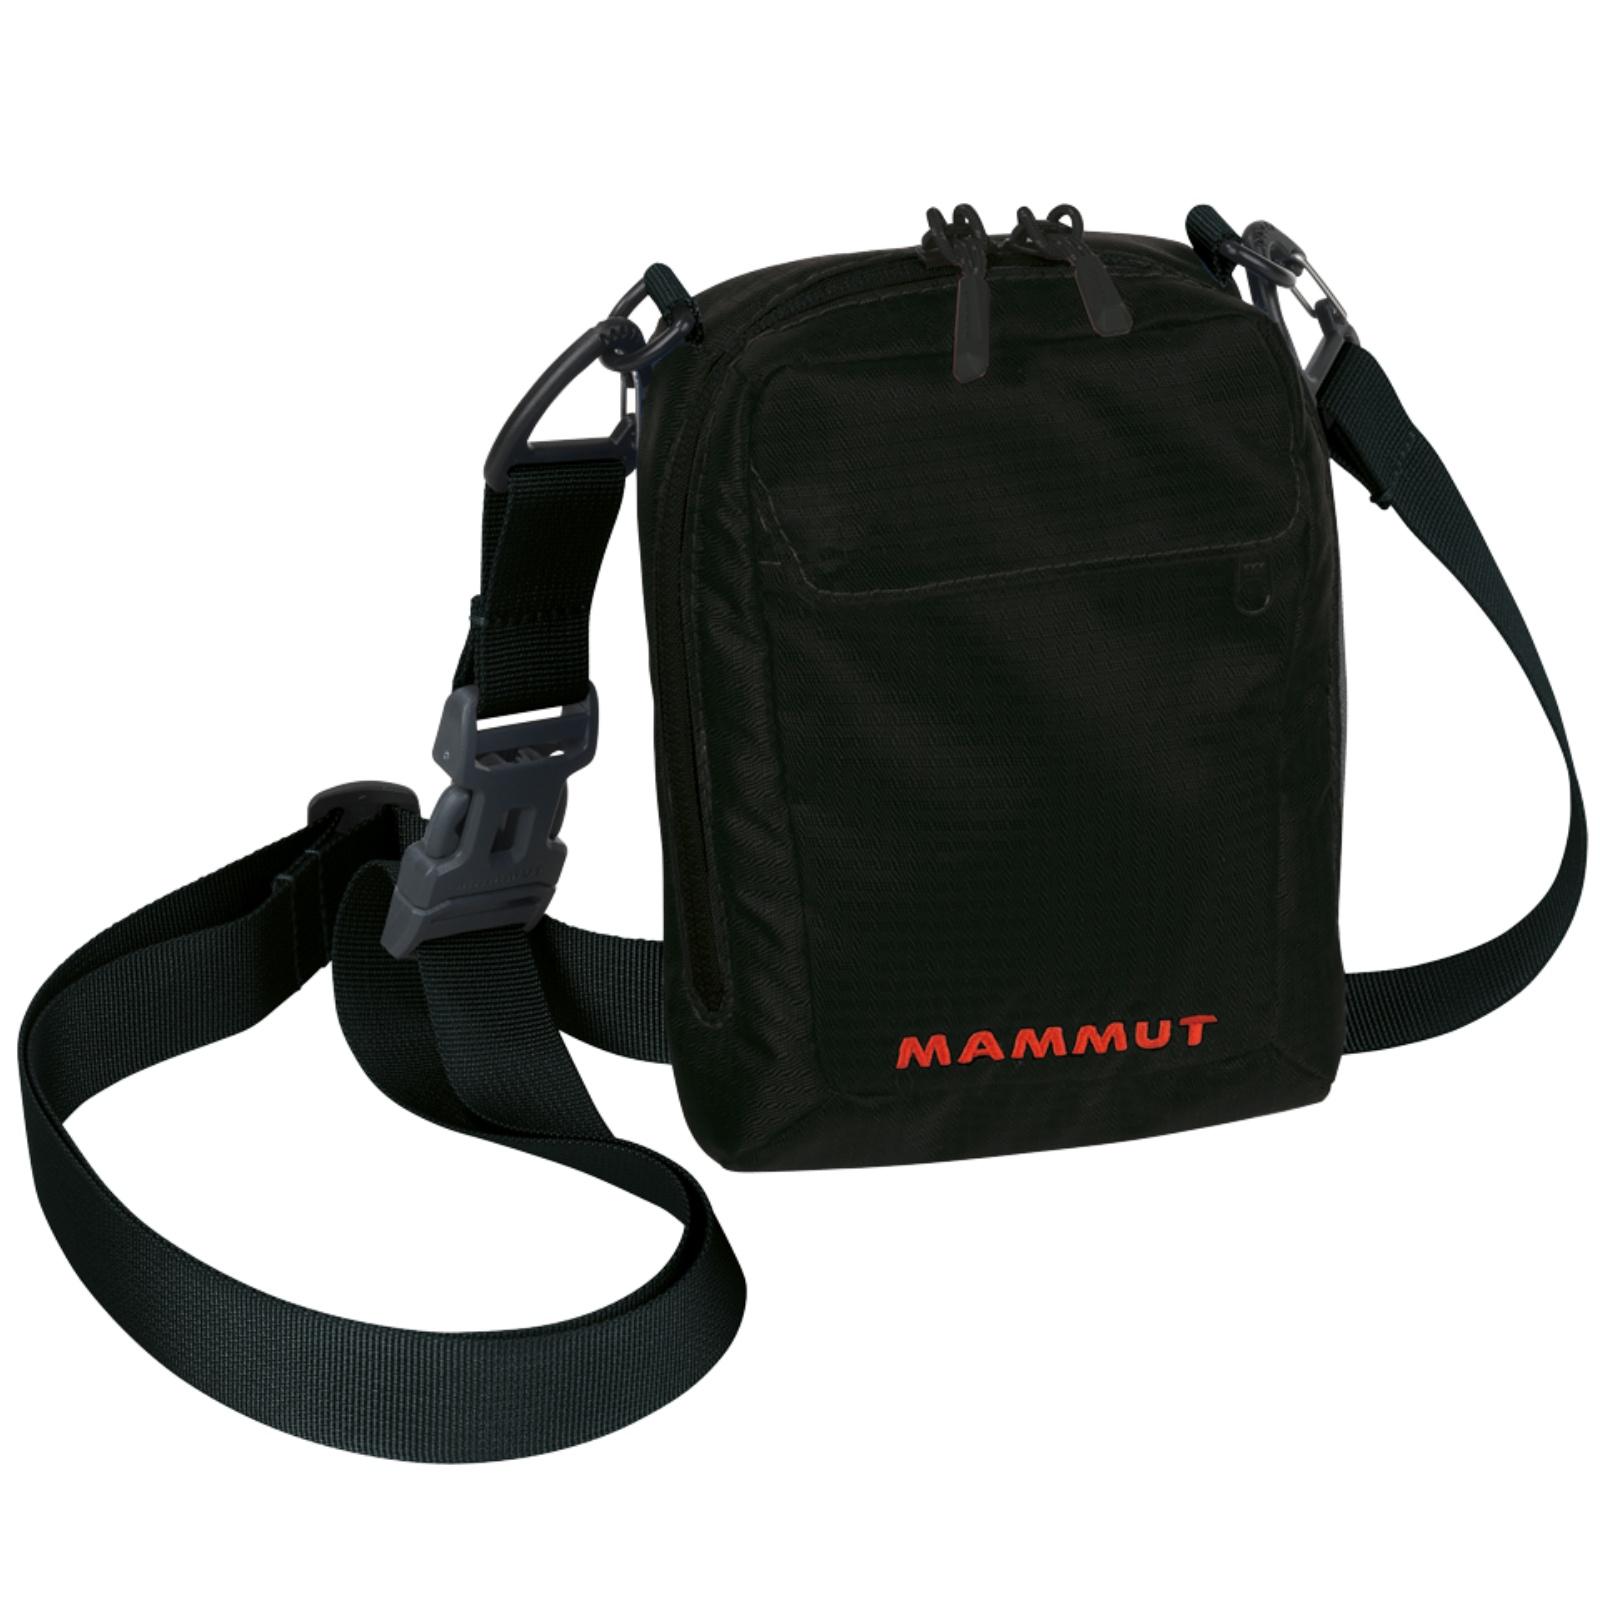 Taštička přes rameno MAMMUT Pouch 1 - černá